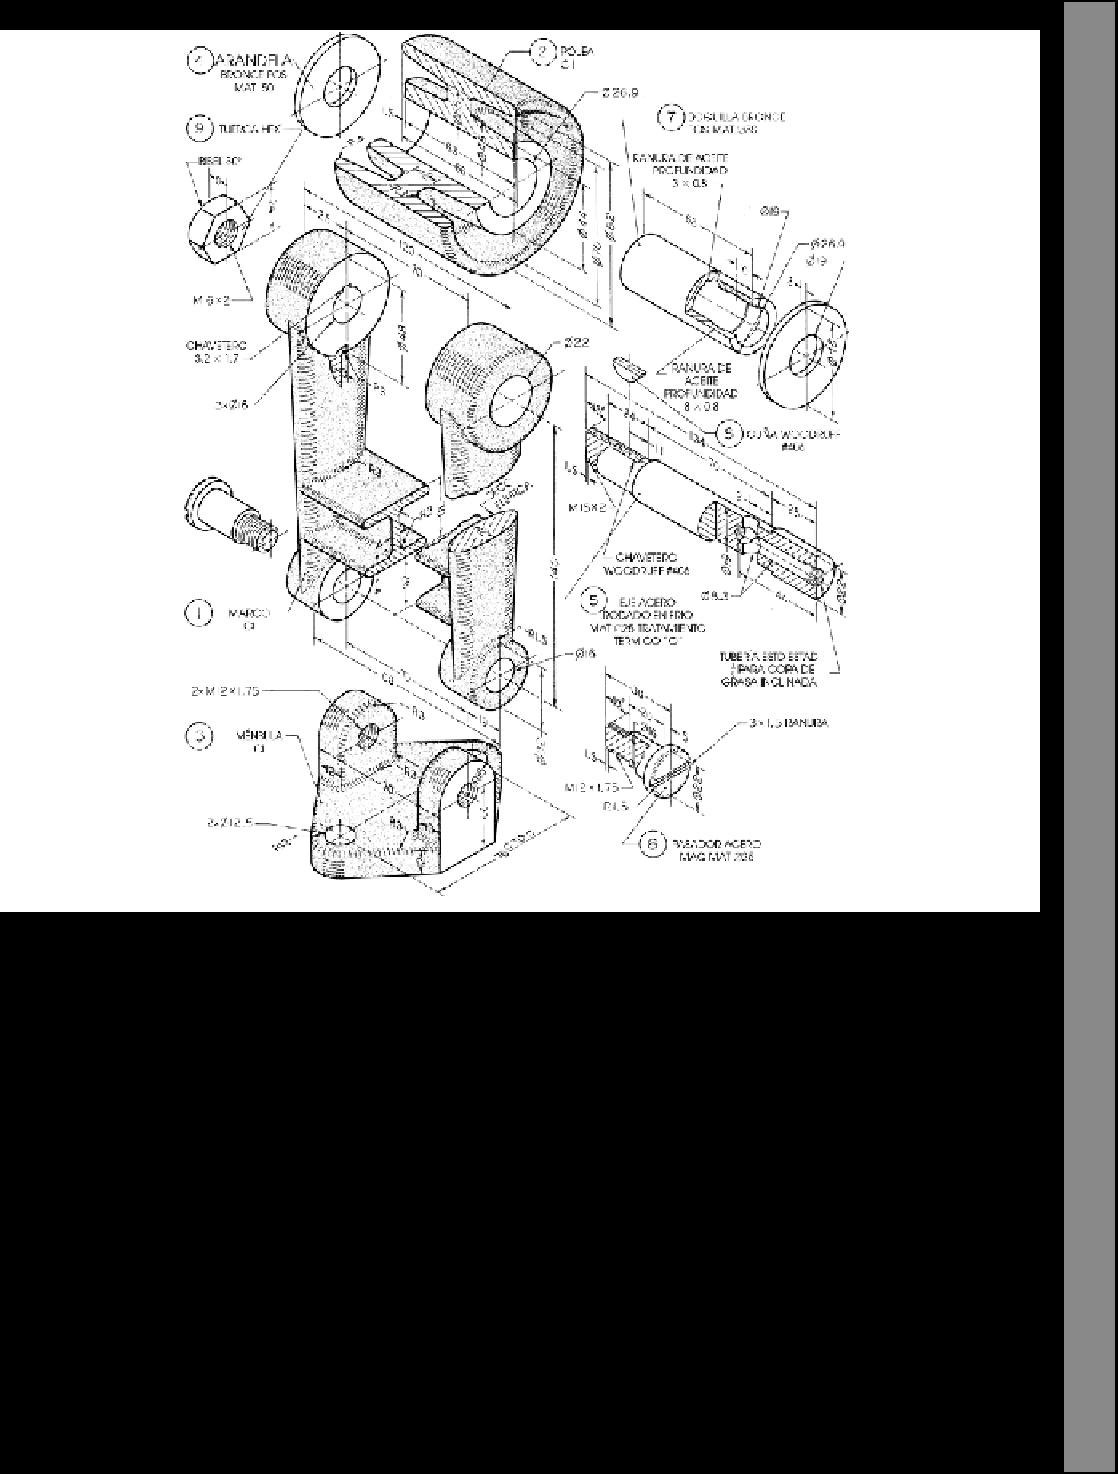 Dibujos de trabajo - Dibujo y Comunicacion Grafica - page 465